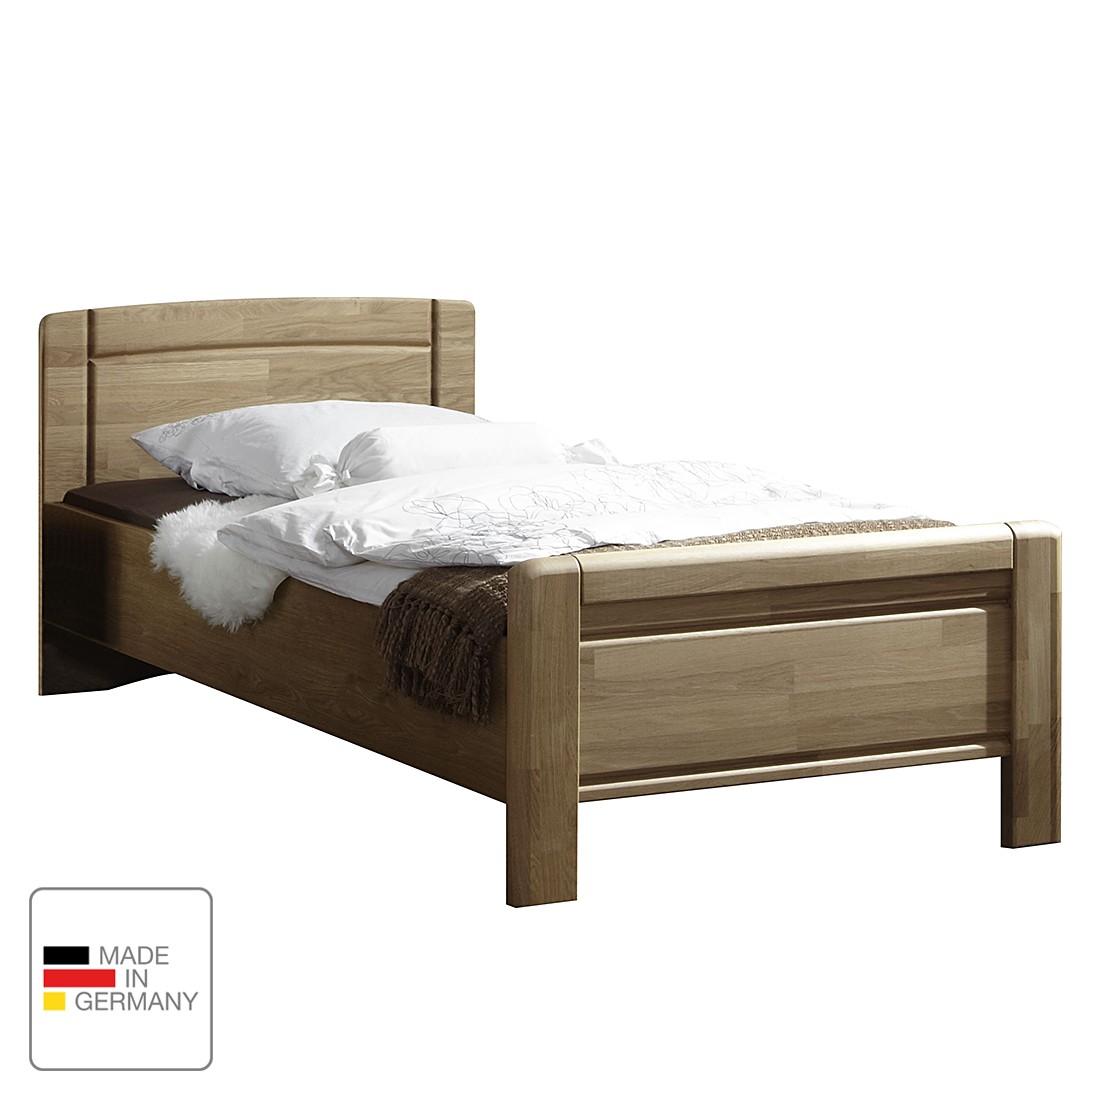 twijfelaar bed 120x200 ikea kopen online internetwinkel. Black Bedroom Furniture Sets. Home Design Ideas